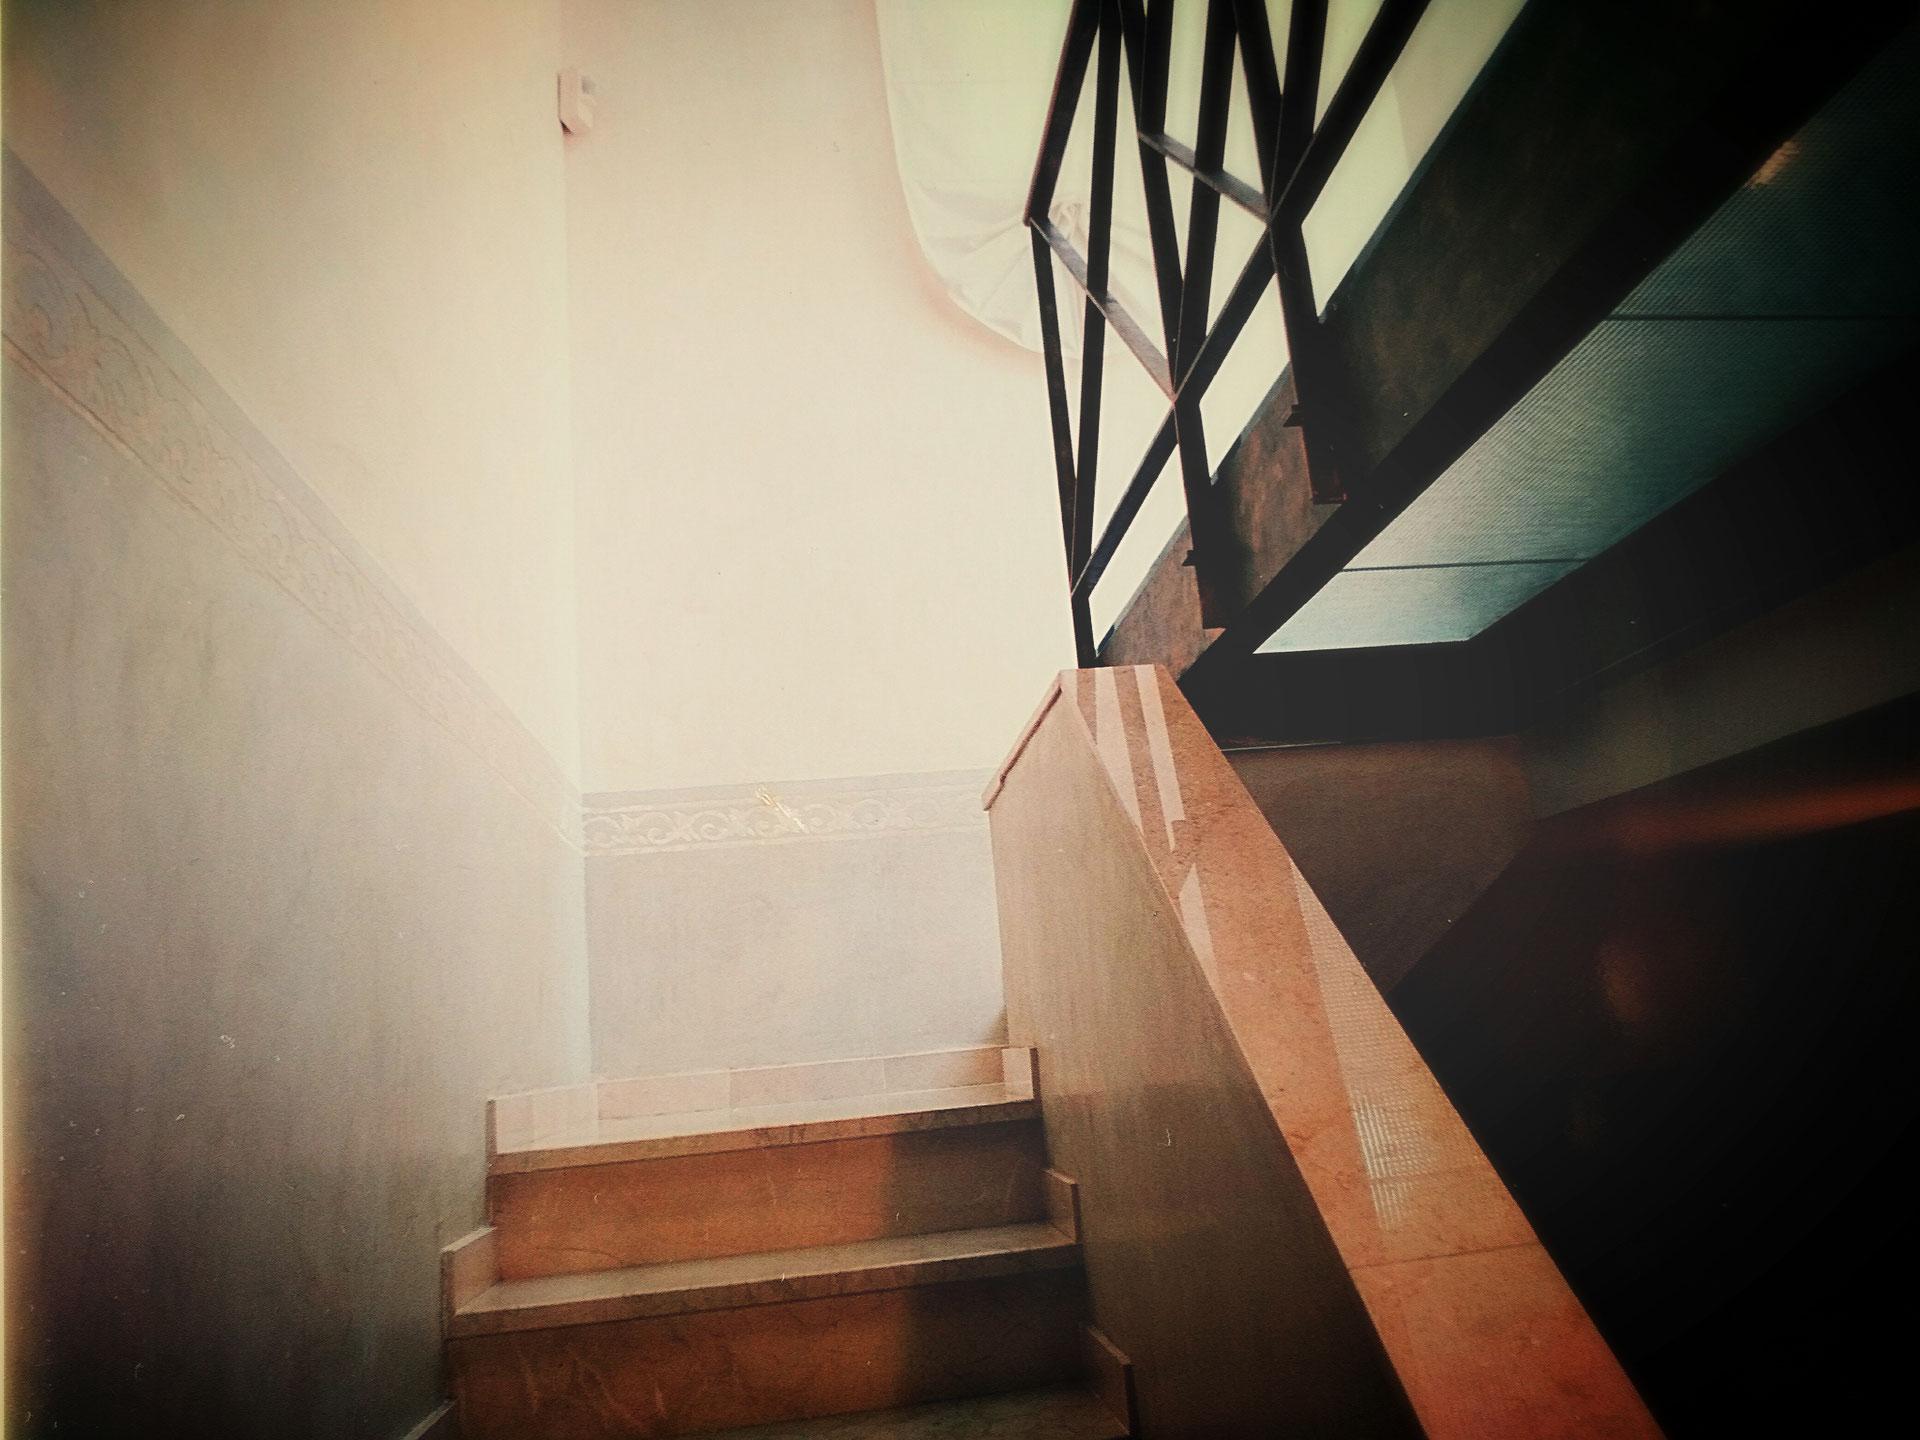 Pintar piso en gracia presupuesto pintar piso pintores for Presupuesto pintar piso